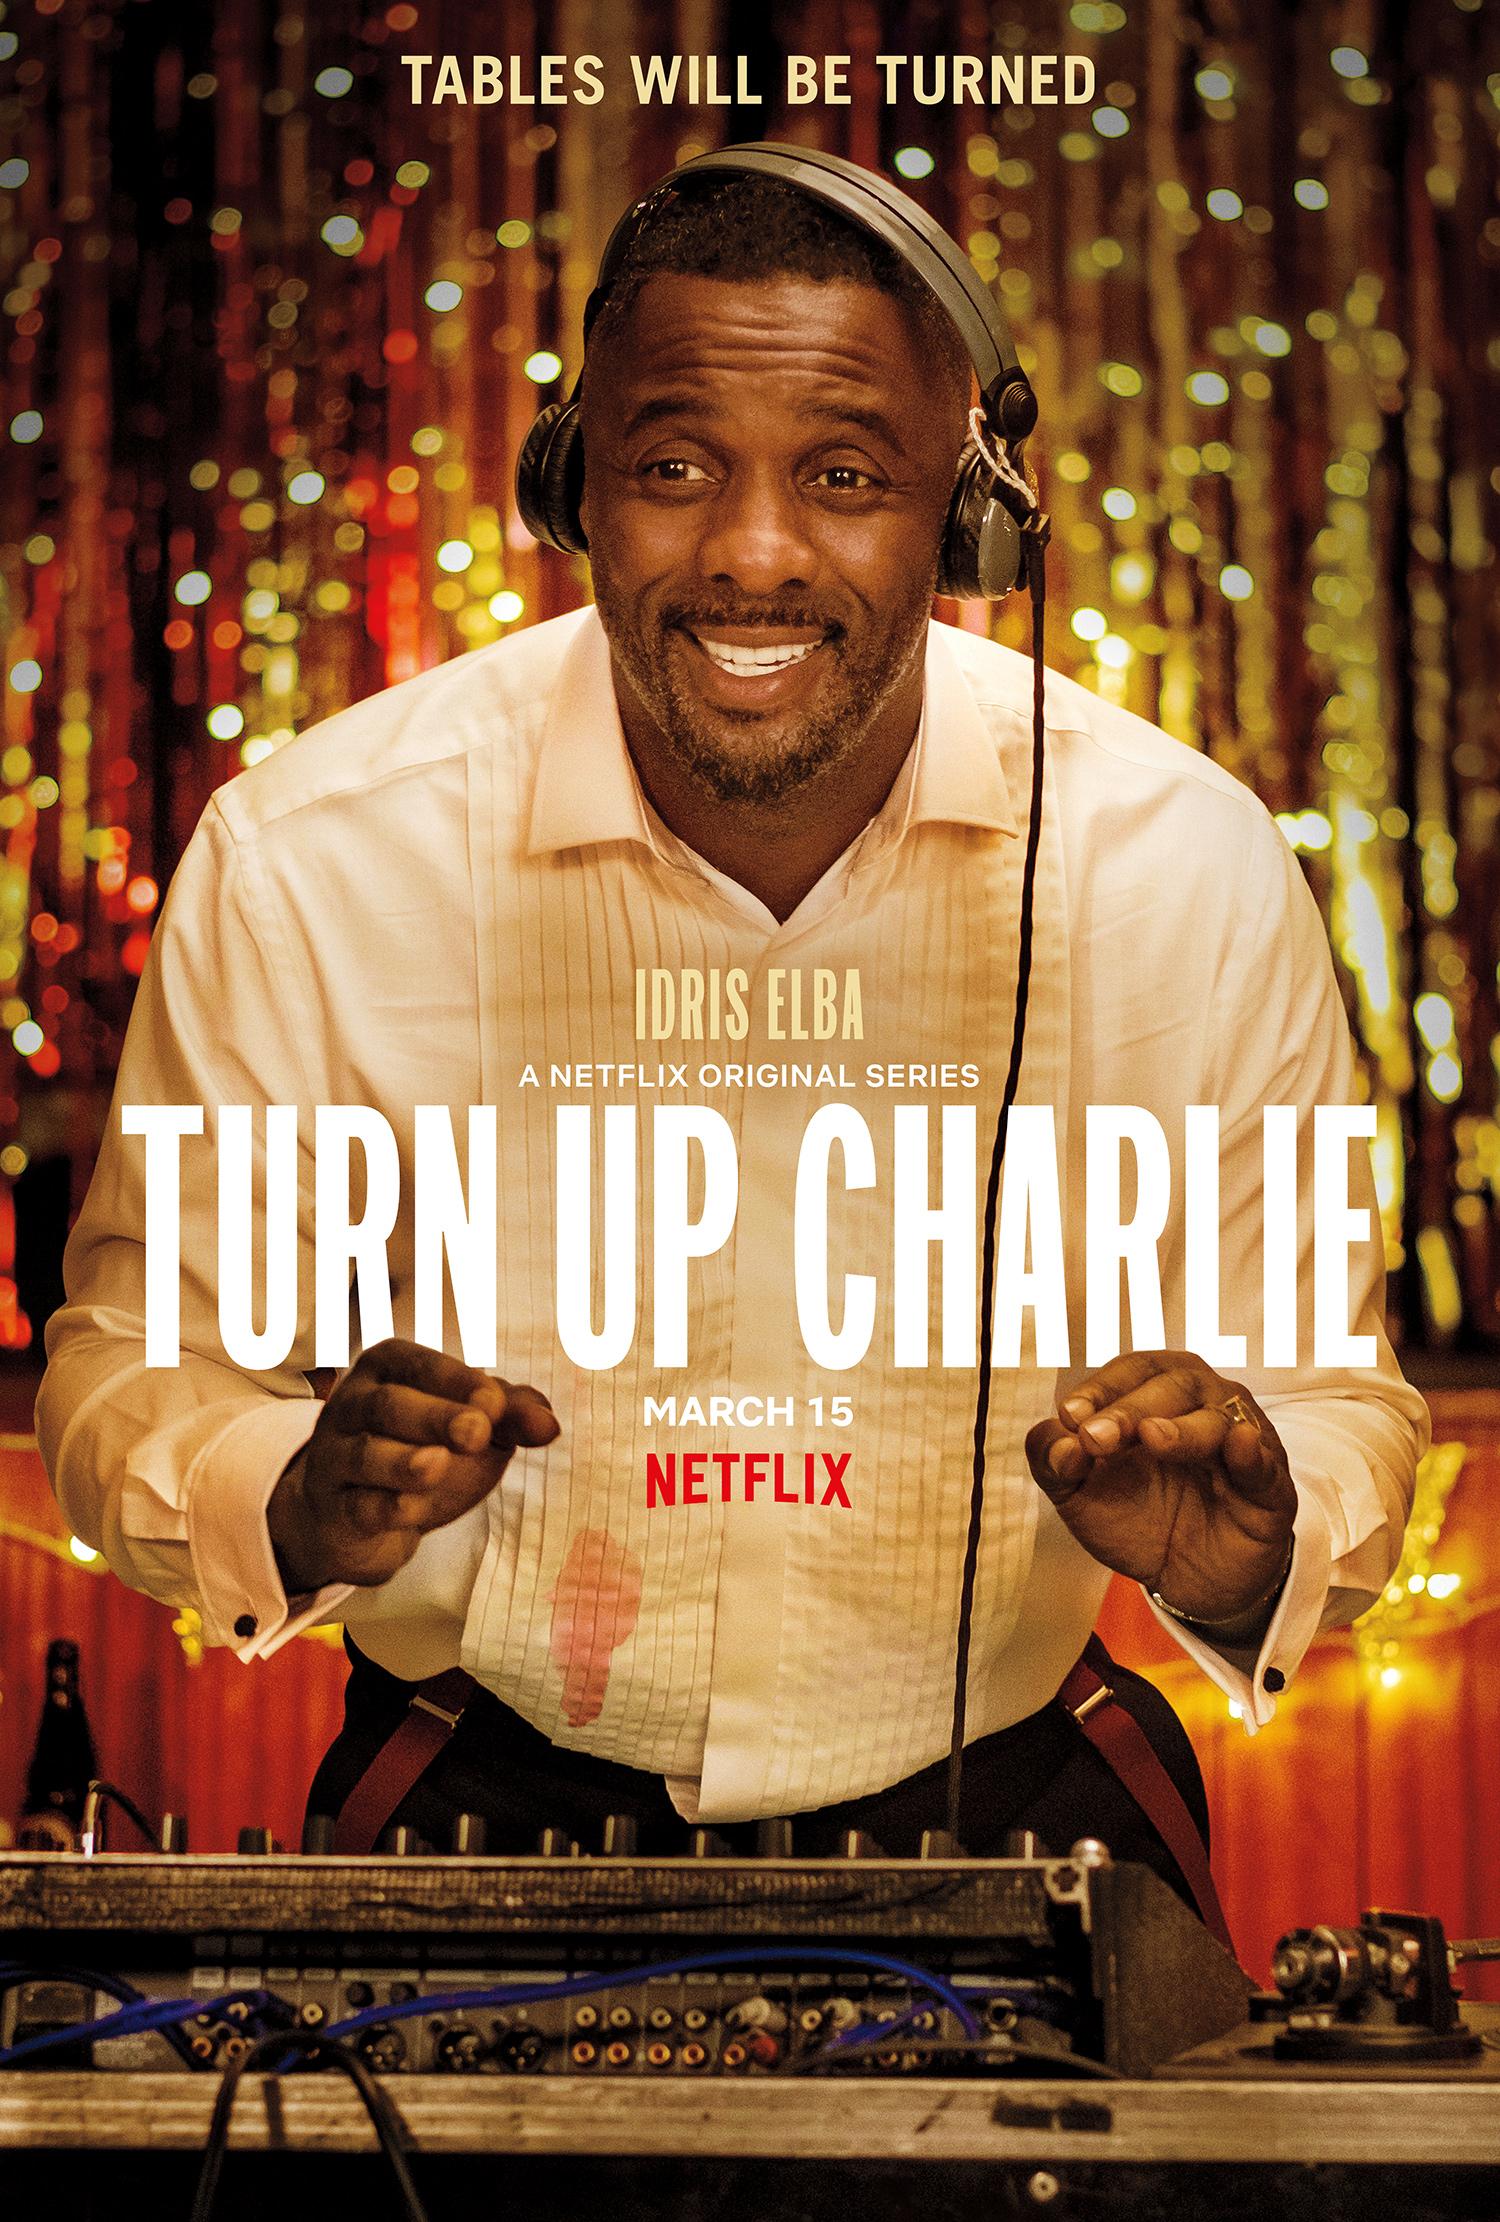 Turn Up Charlie Poster.jpg